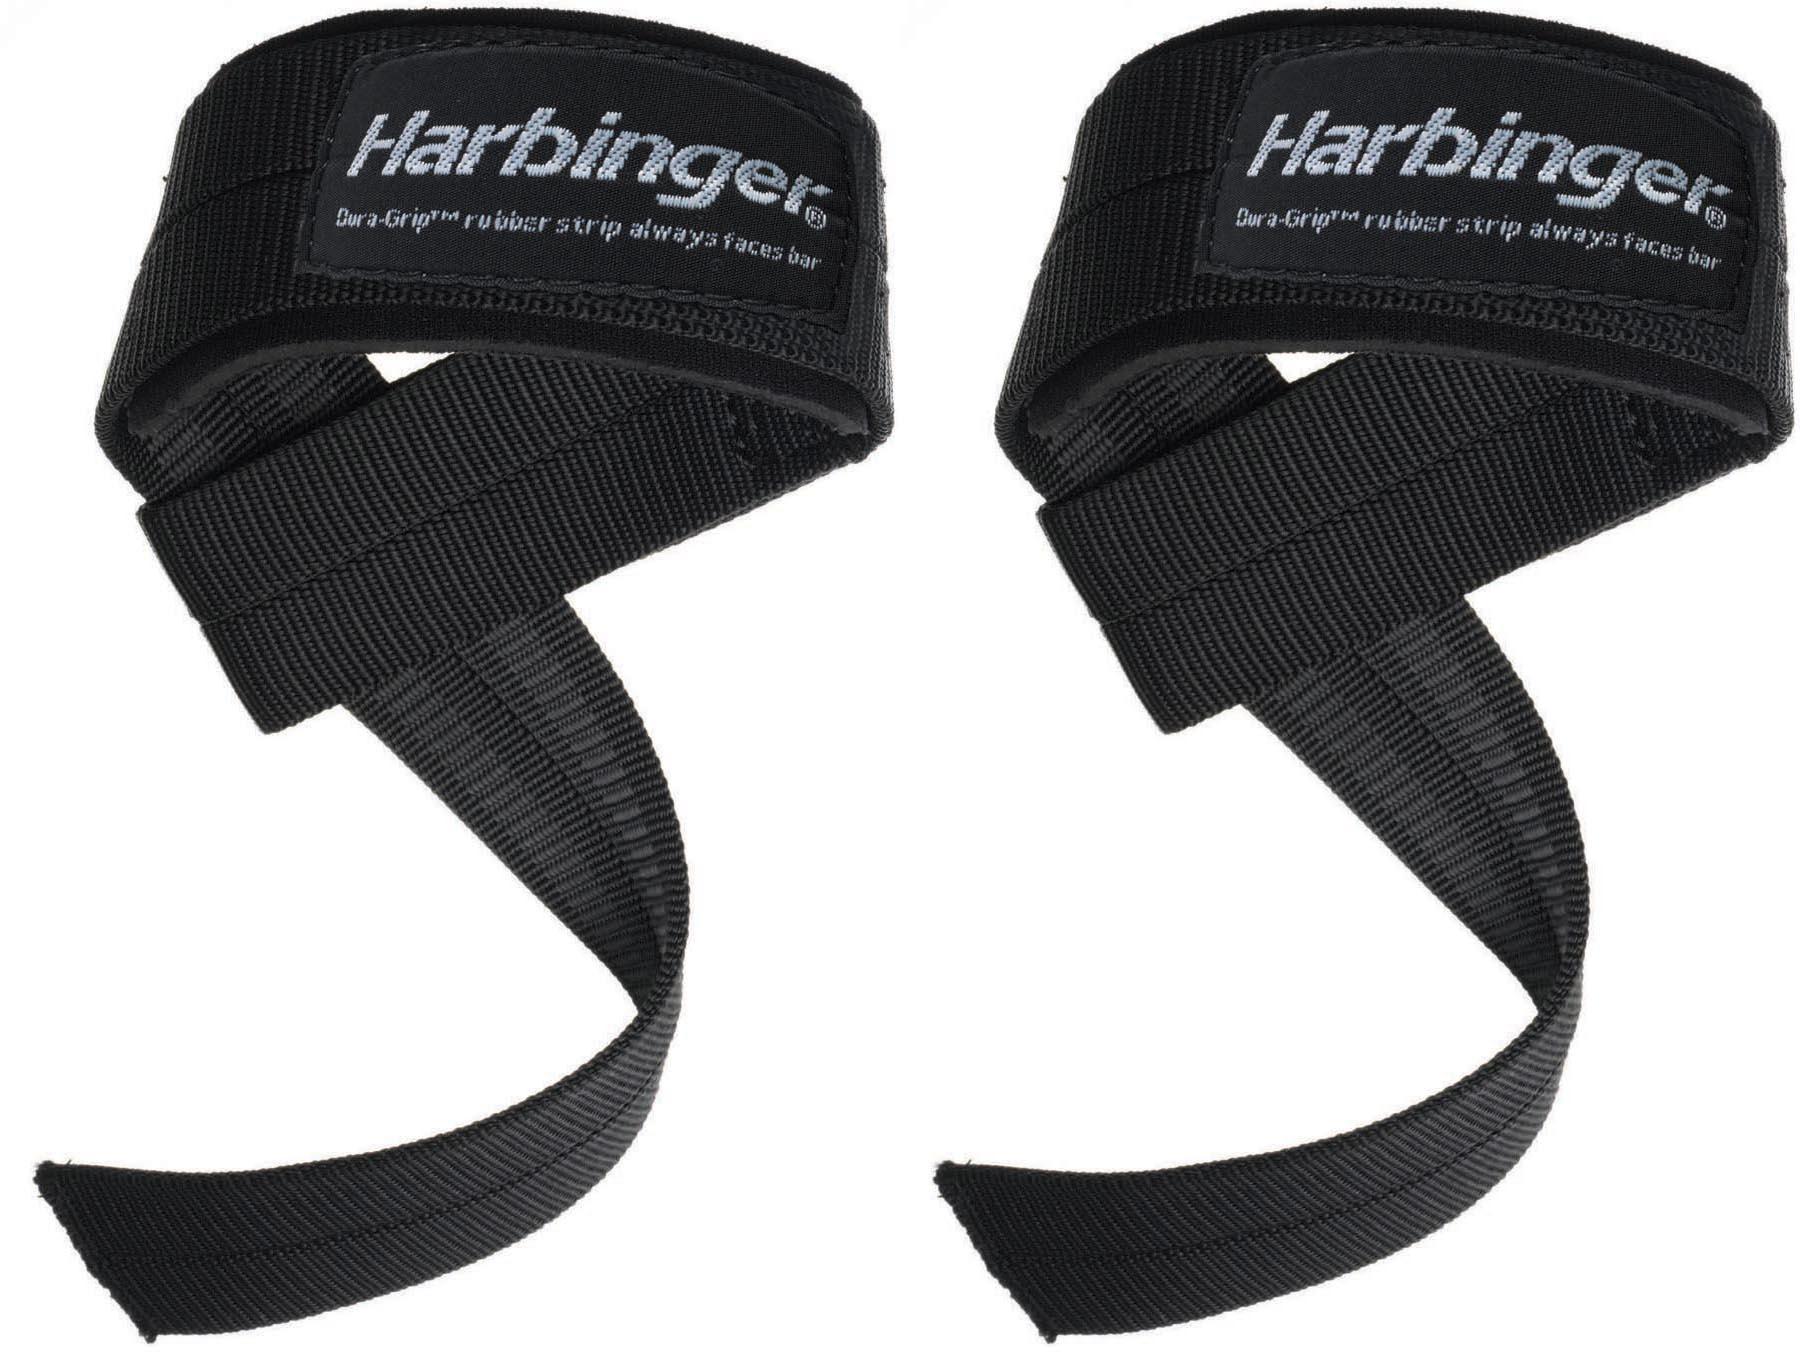 harbinger training gloves